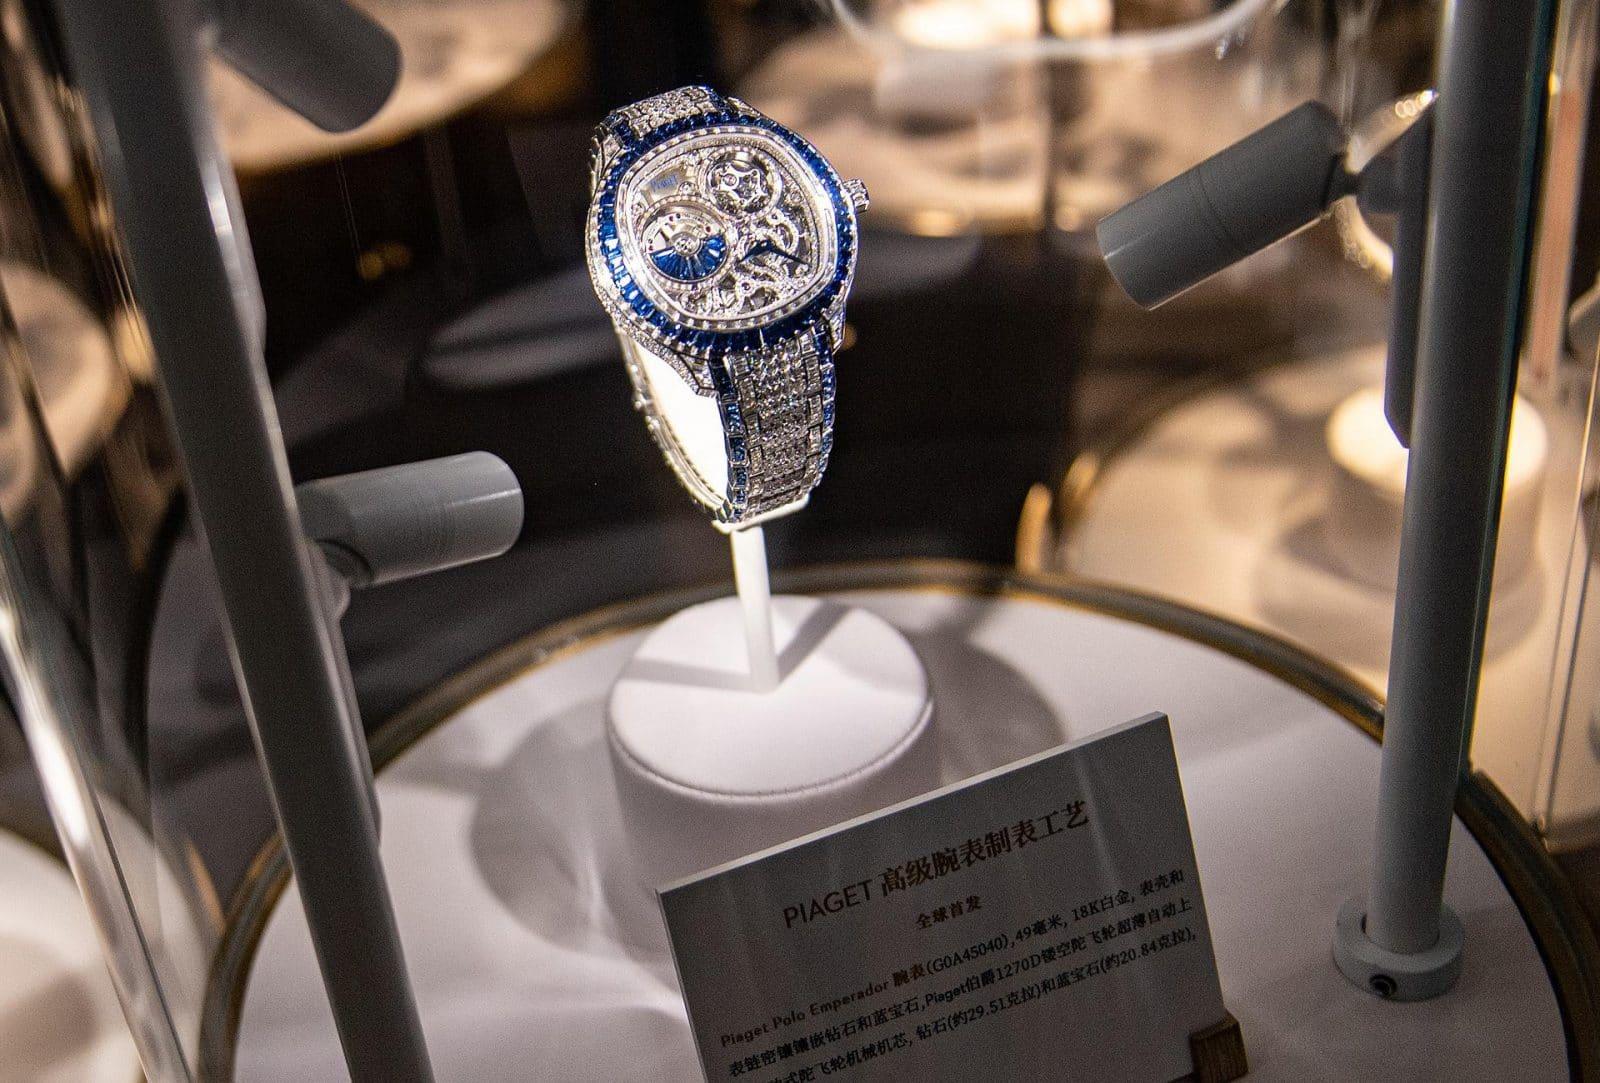 Les salons horlogers du monde lourdement touchés par la pandémie